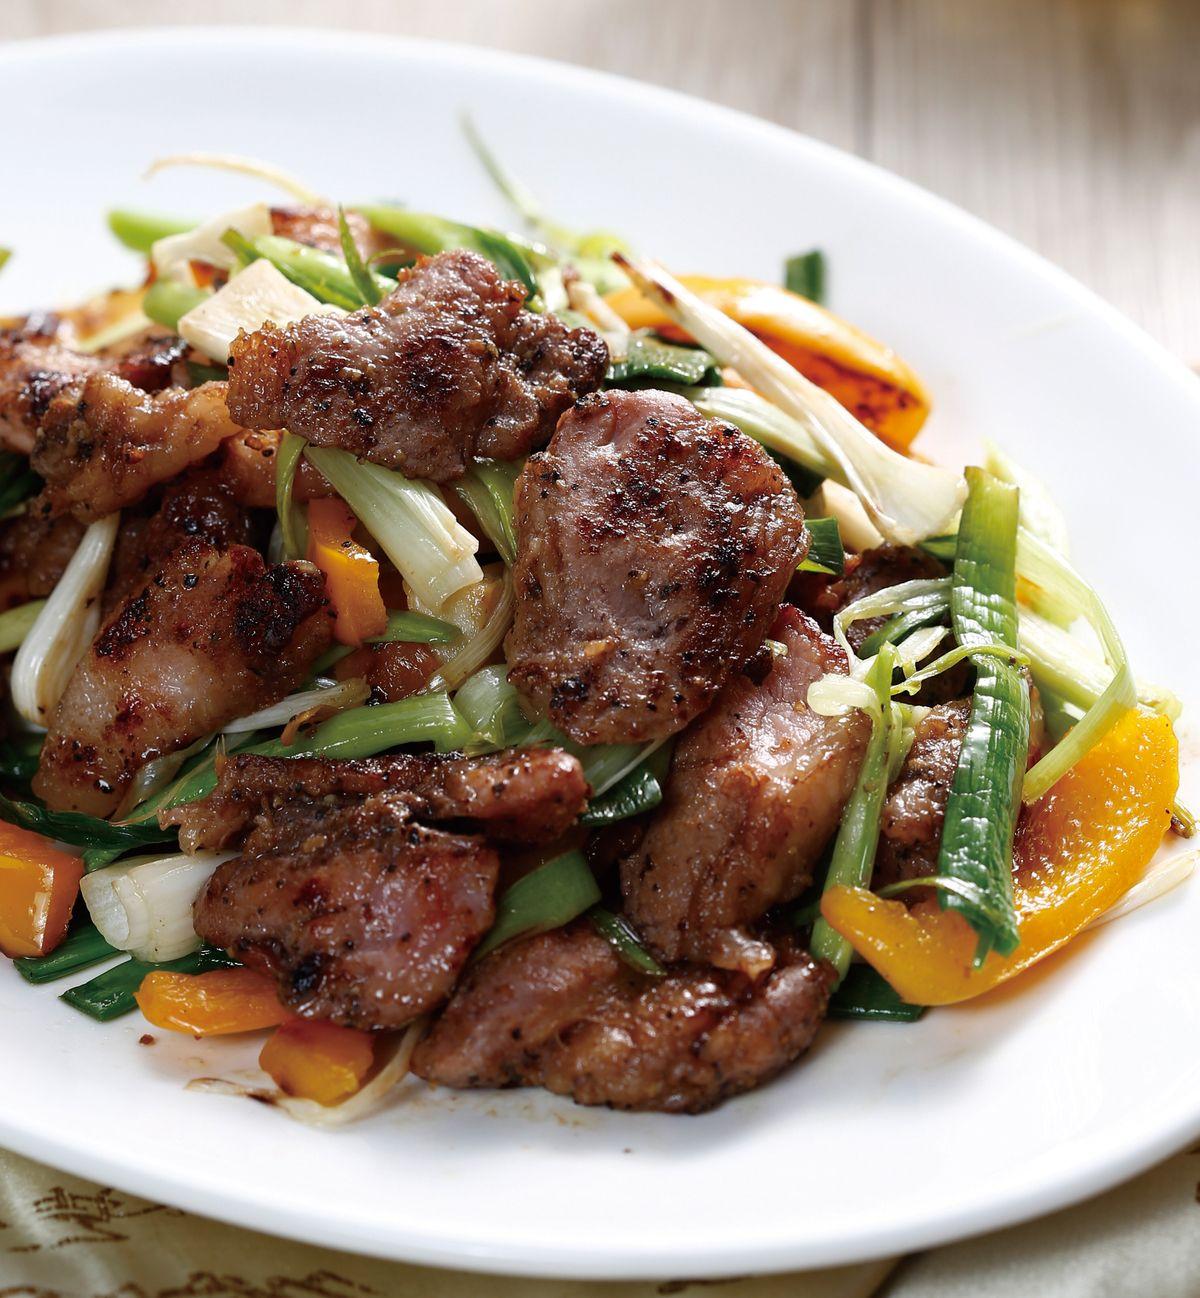 食譜:青蒜炒鹹豬肉